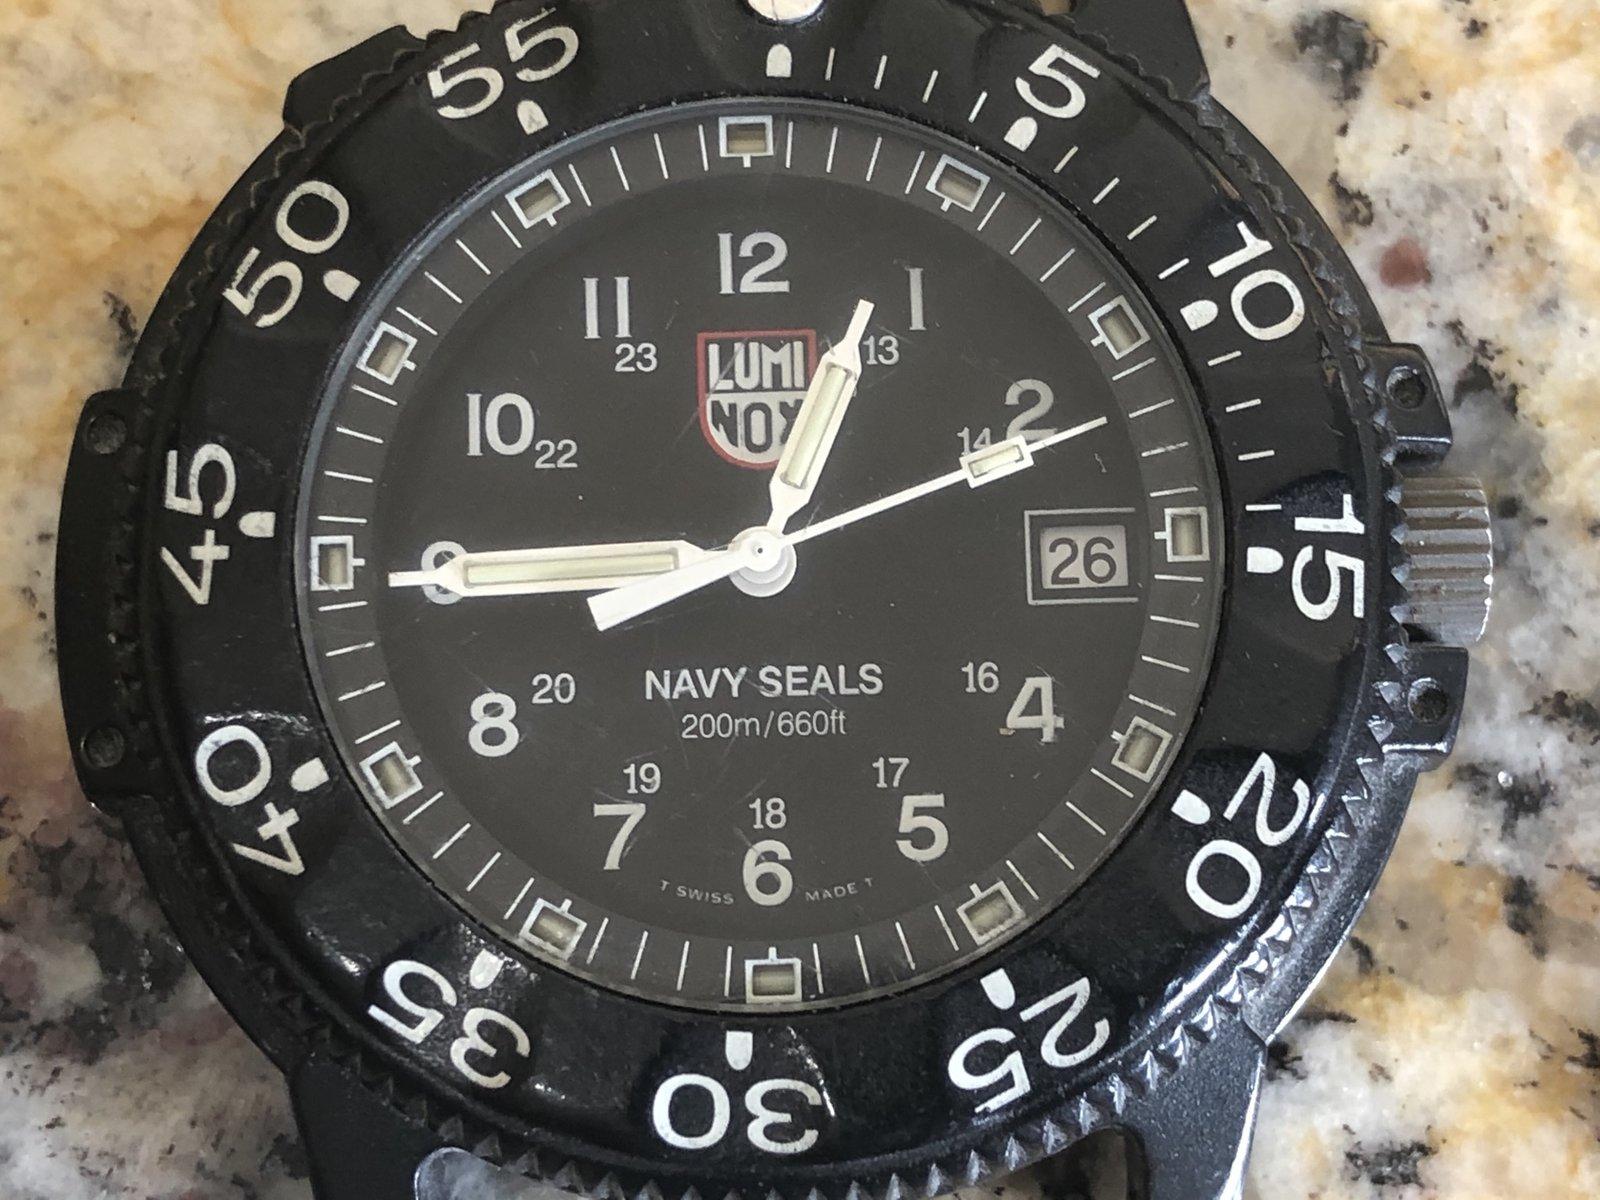 FF35F563-8DEF-4B3D-9711-04AF40BD1B27.jpeg